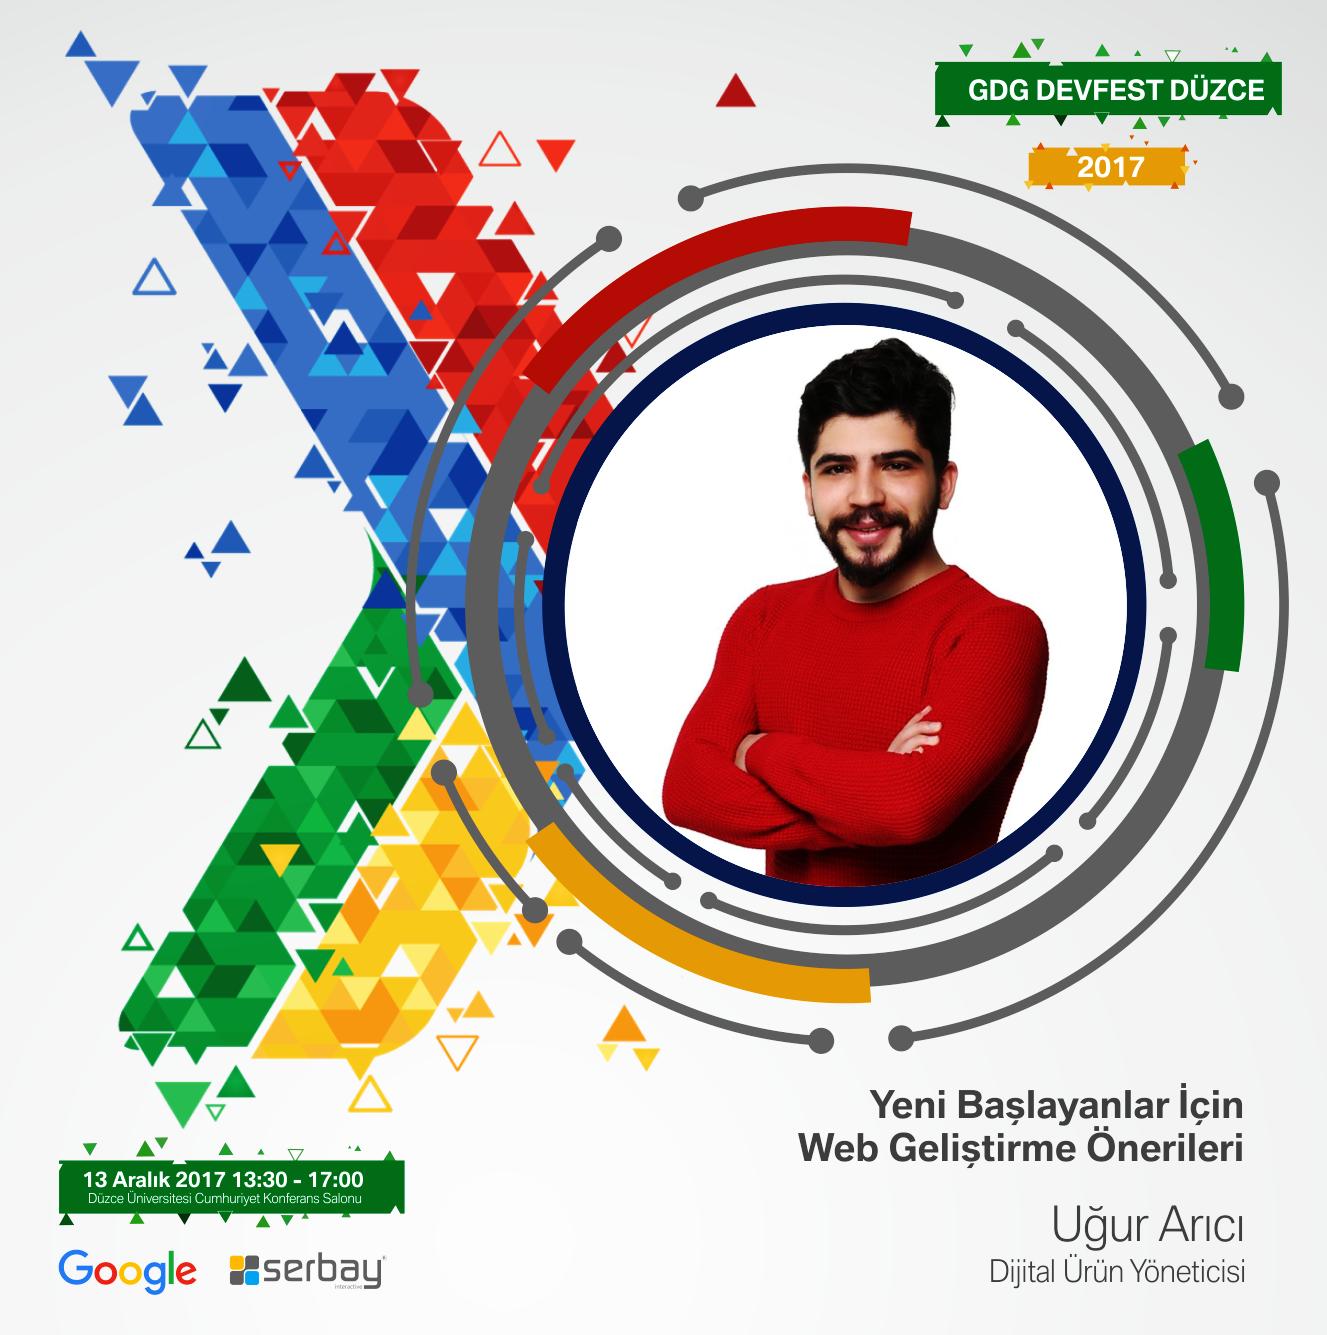 Dijital Ürün Yöneticisi Uğur Arıcı, Yeni Başlayanlar İçin Web Geliştirme Önerileri hakkında sunum yapacaktır.